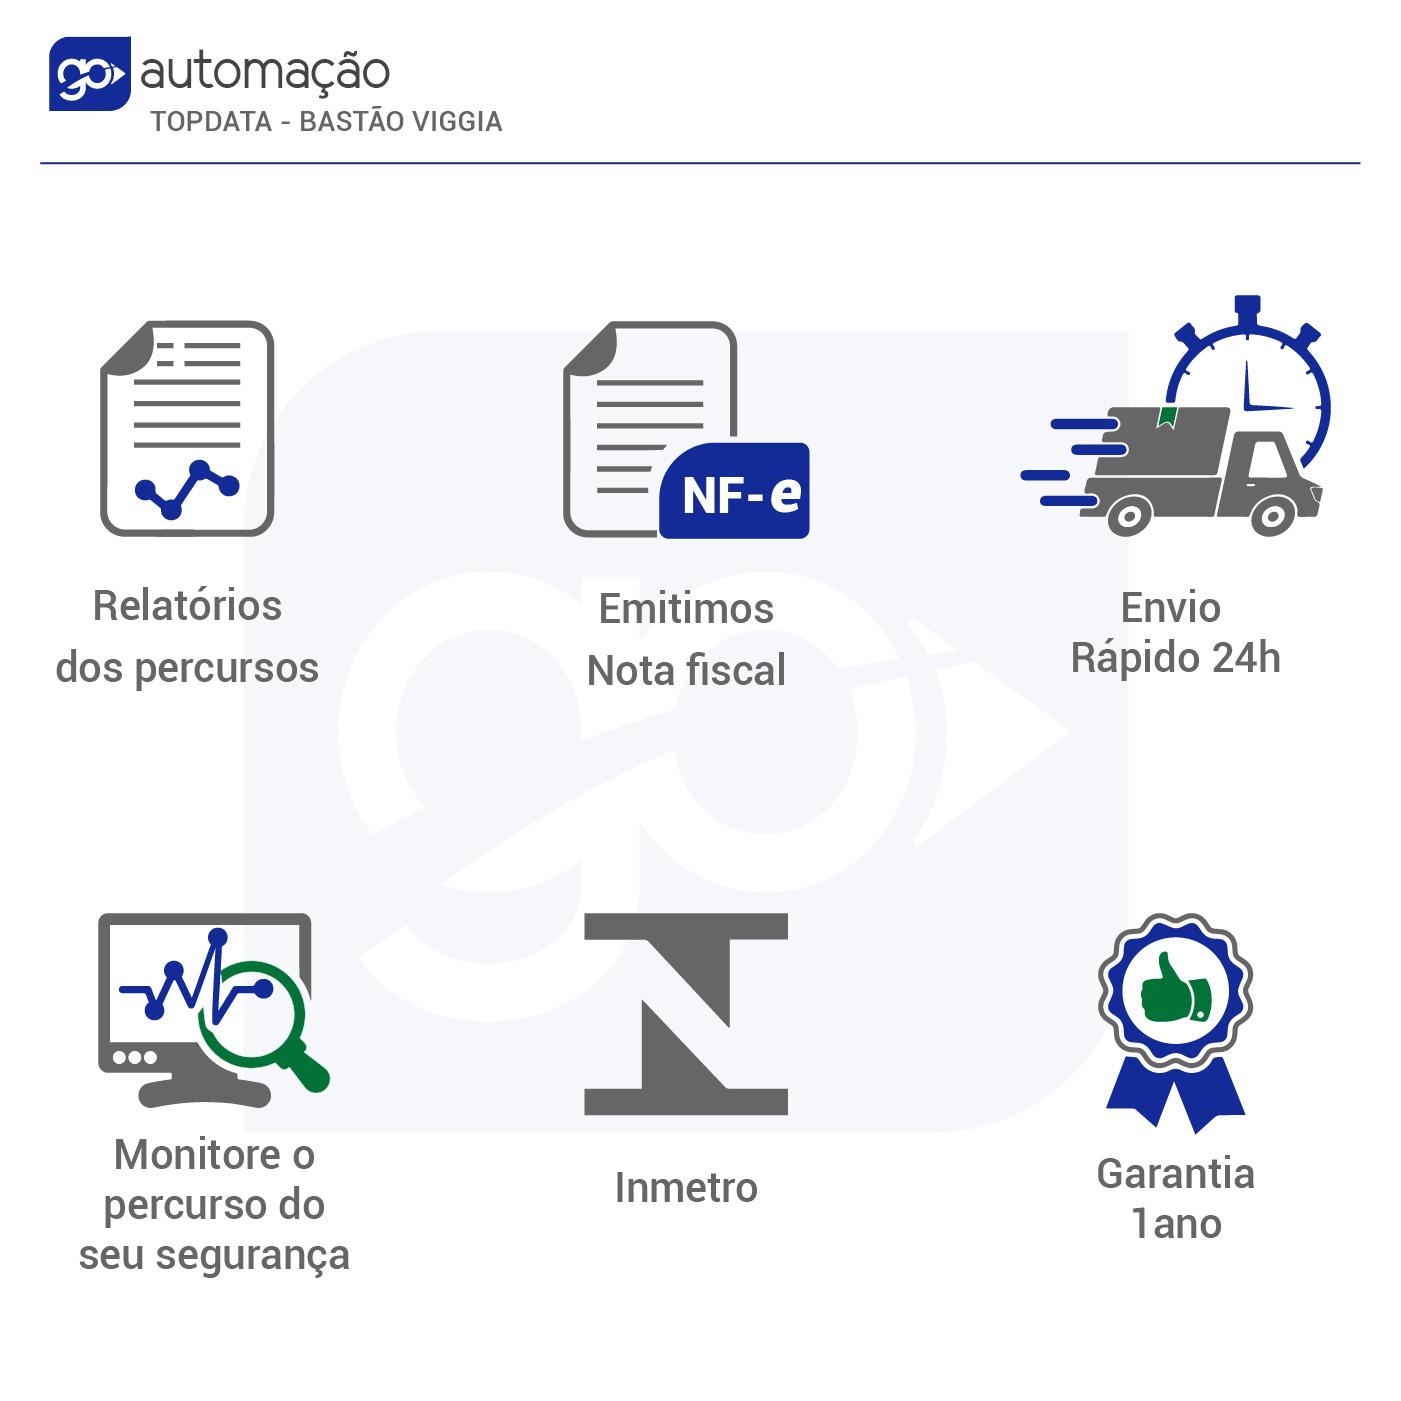 Kit 6 Ibutton para Bastão de Controle Ronda Vigia - Topdata Viggia   - GO AUTOMAÇÃO